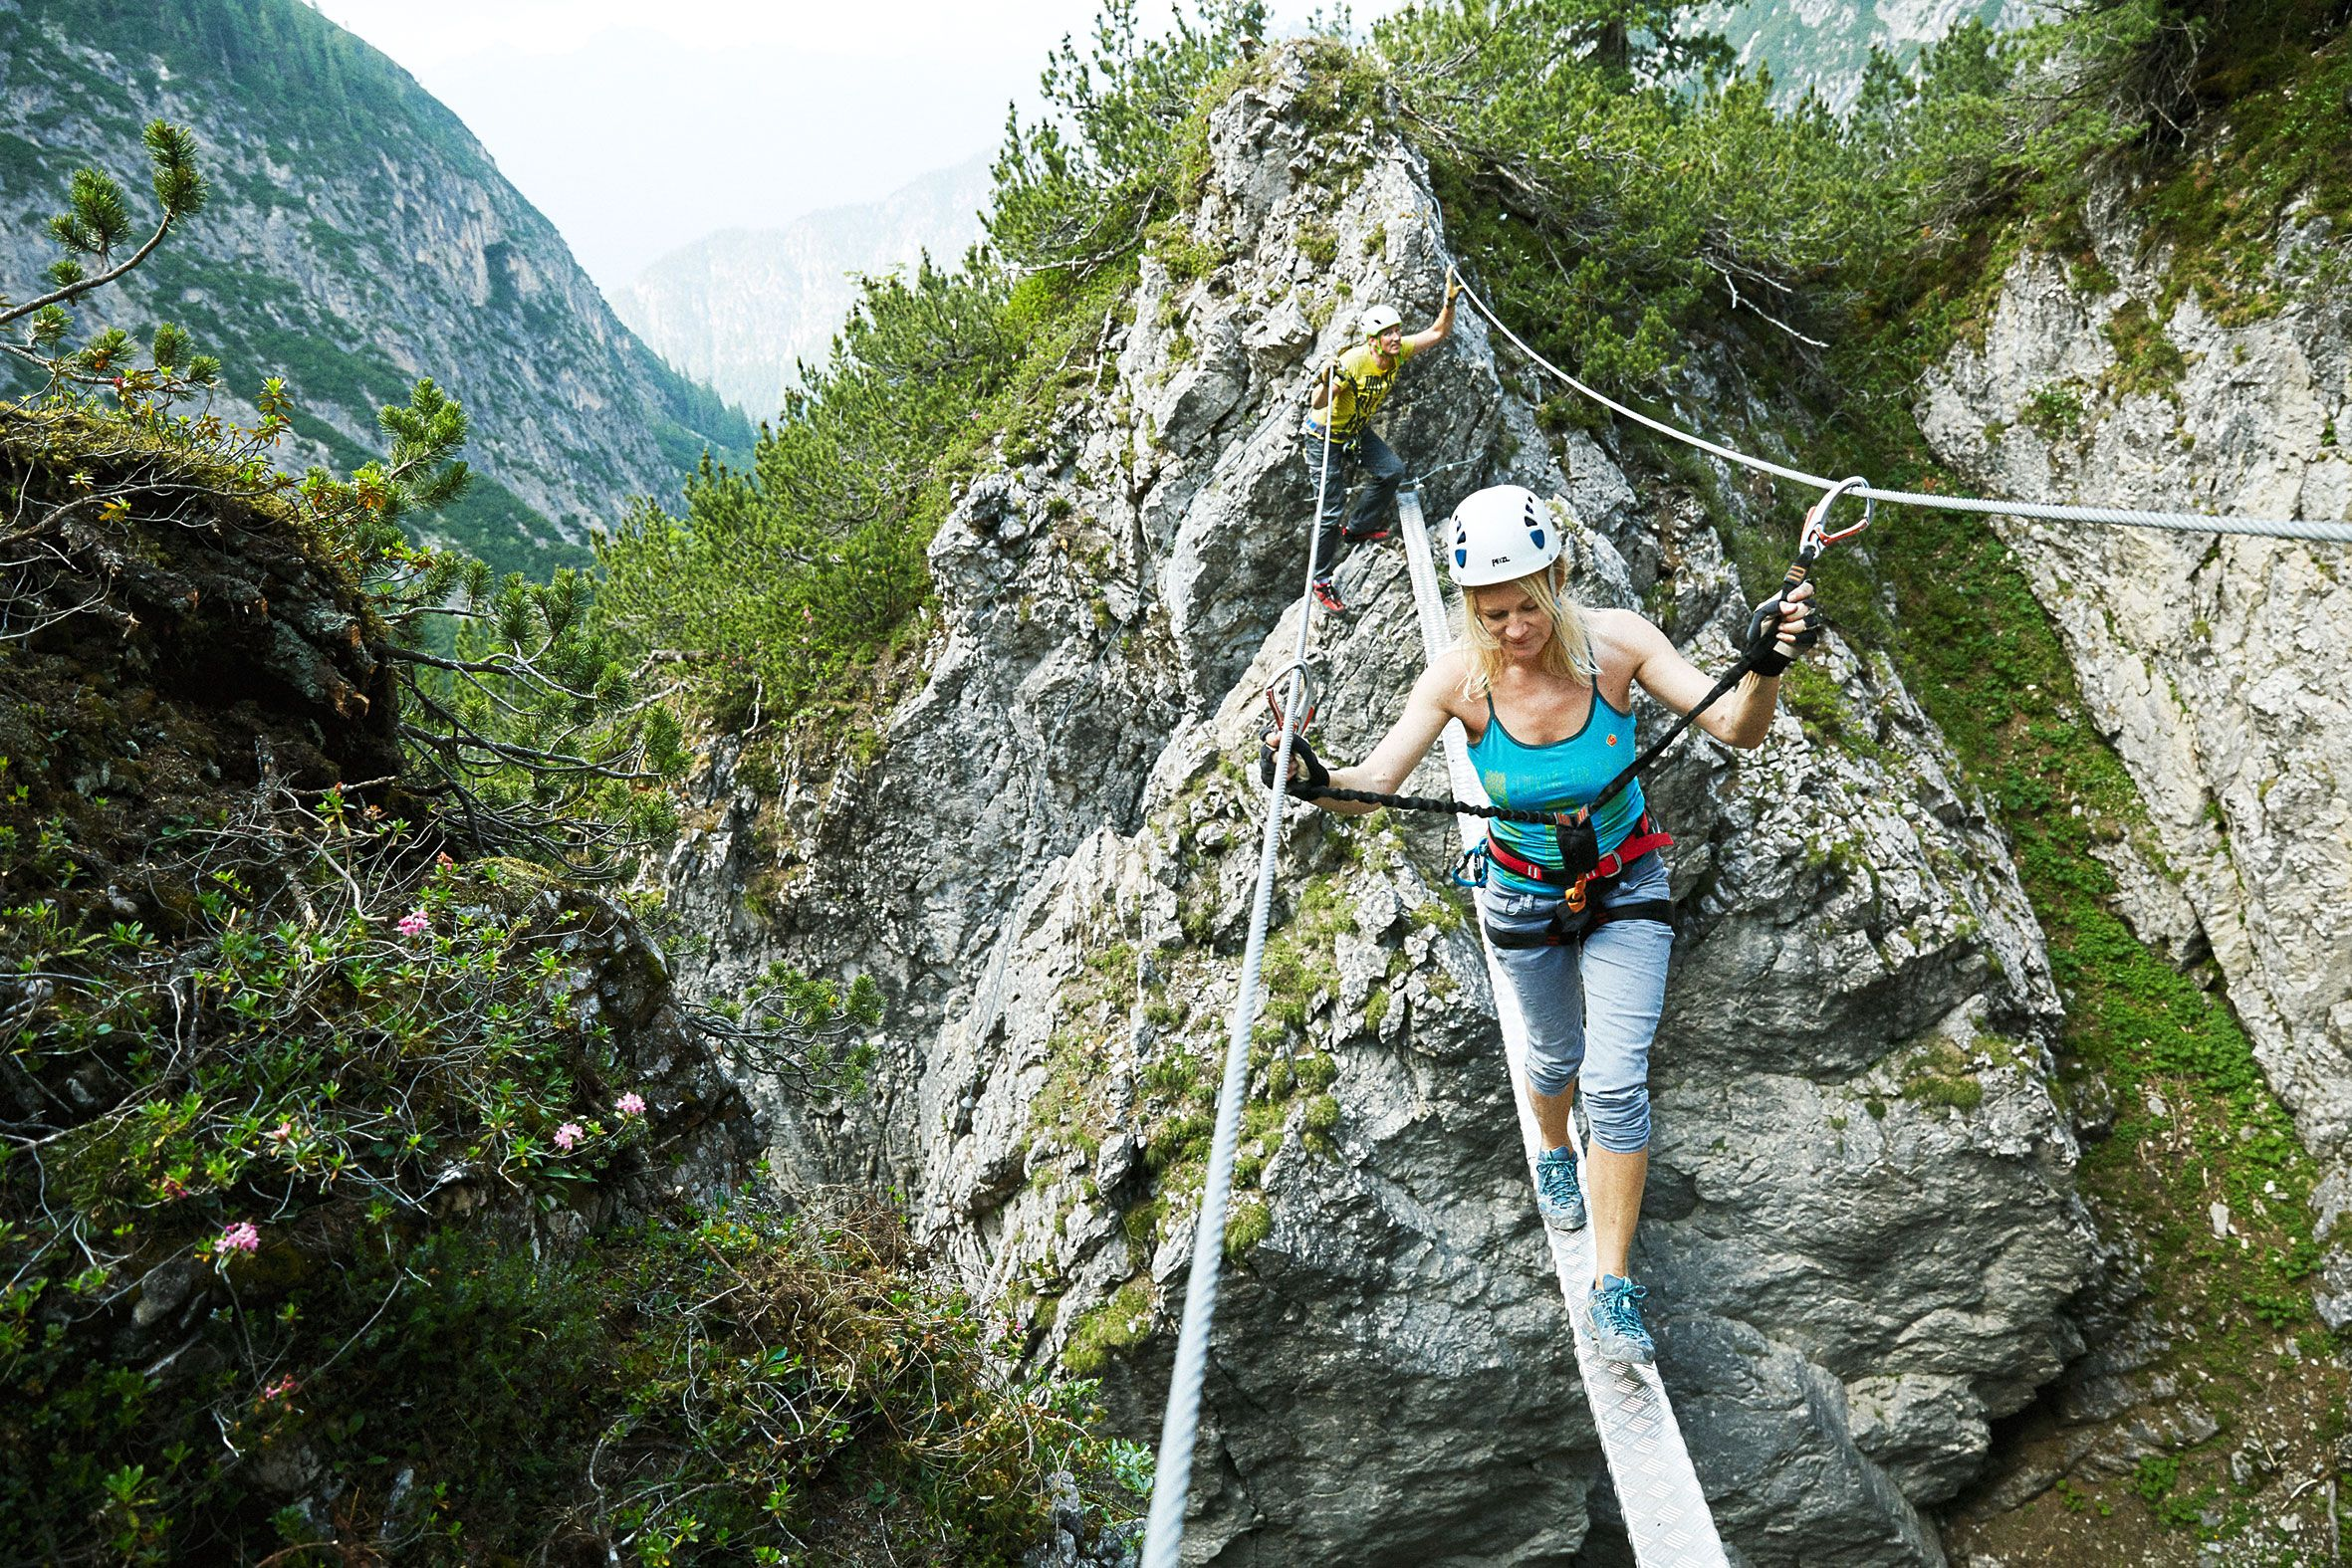 Klettersteig Bregenz : Der eröffnete schluchten klettersteig u everborgene weltu c in